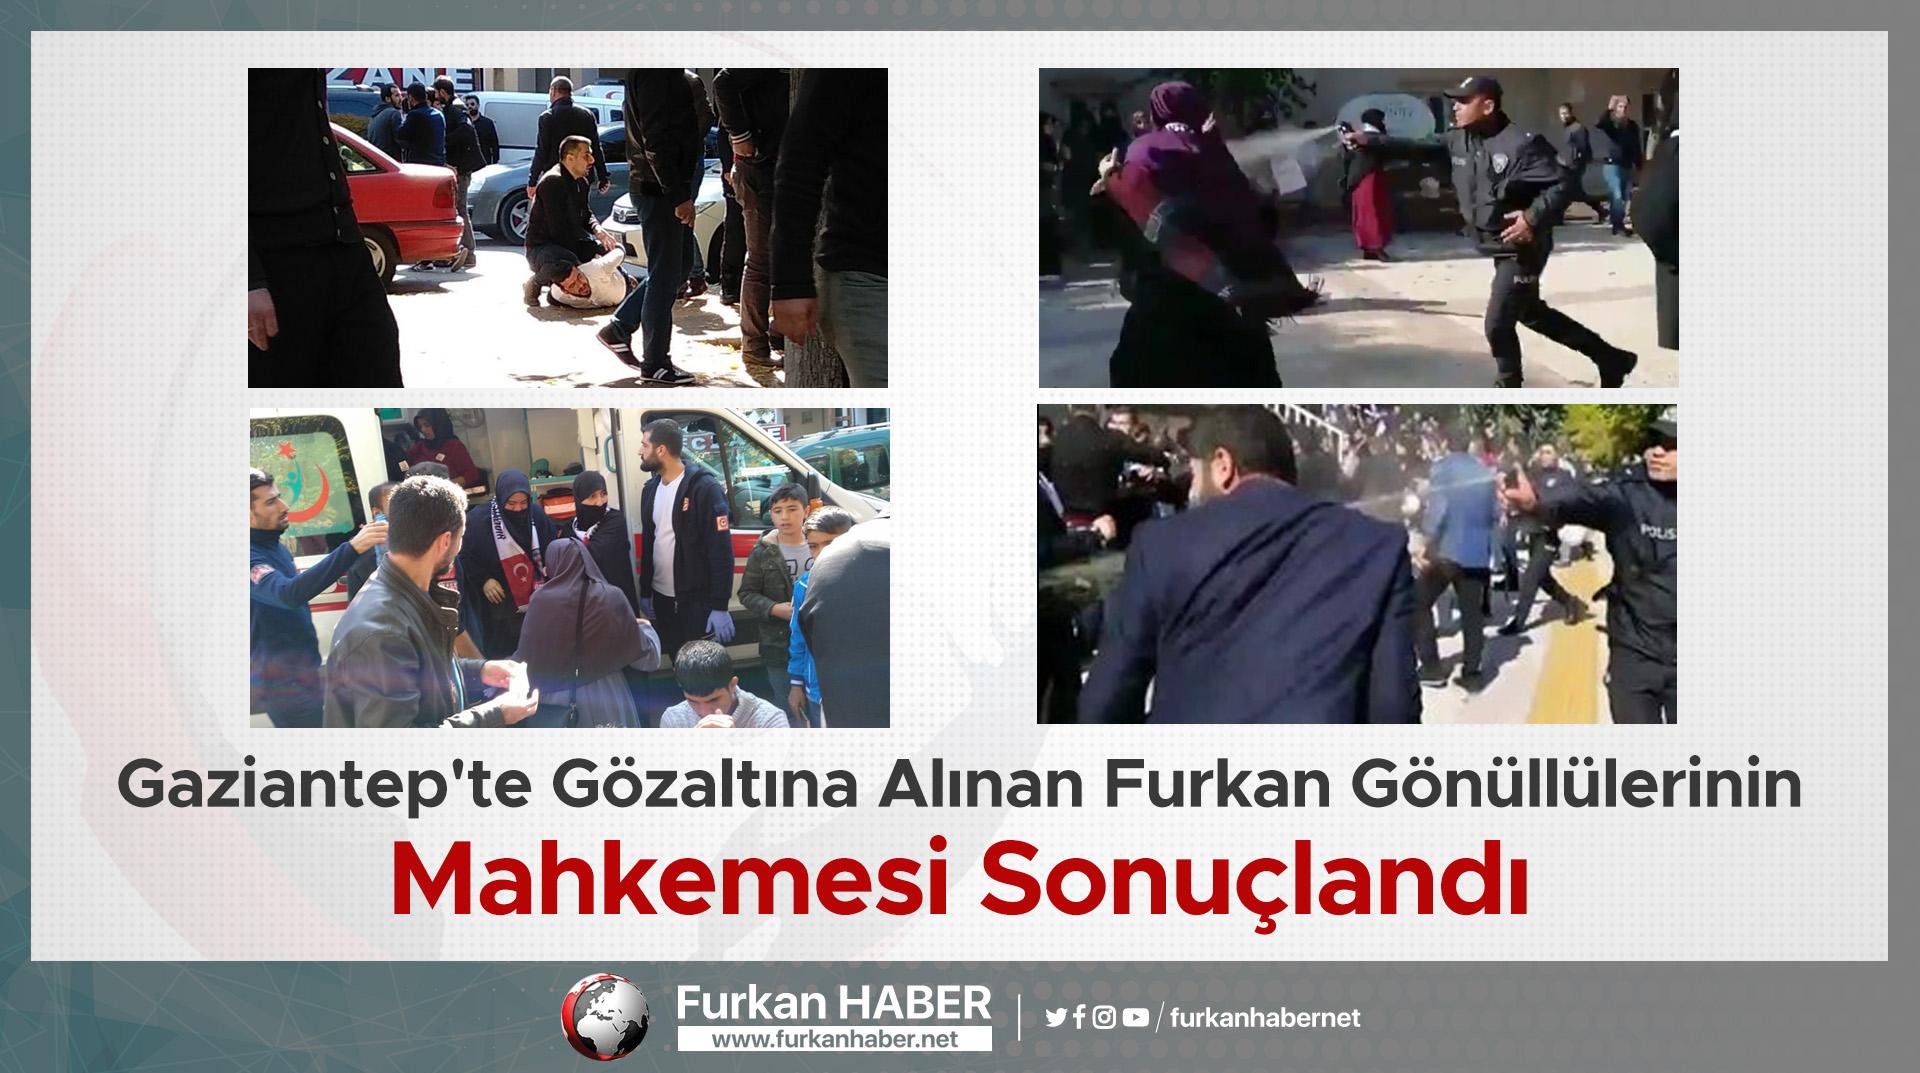 Gaziantep'te Gözaltına Alınan Furkan Gönüllülerinin Mahkemesi Sonuçlandı